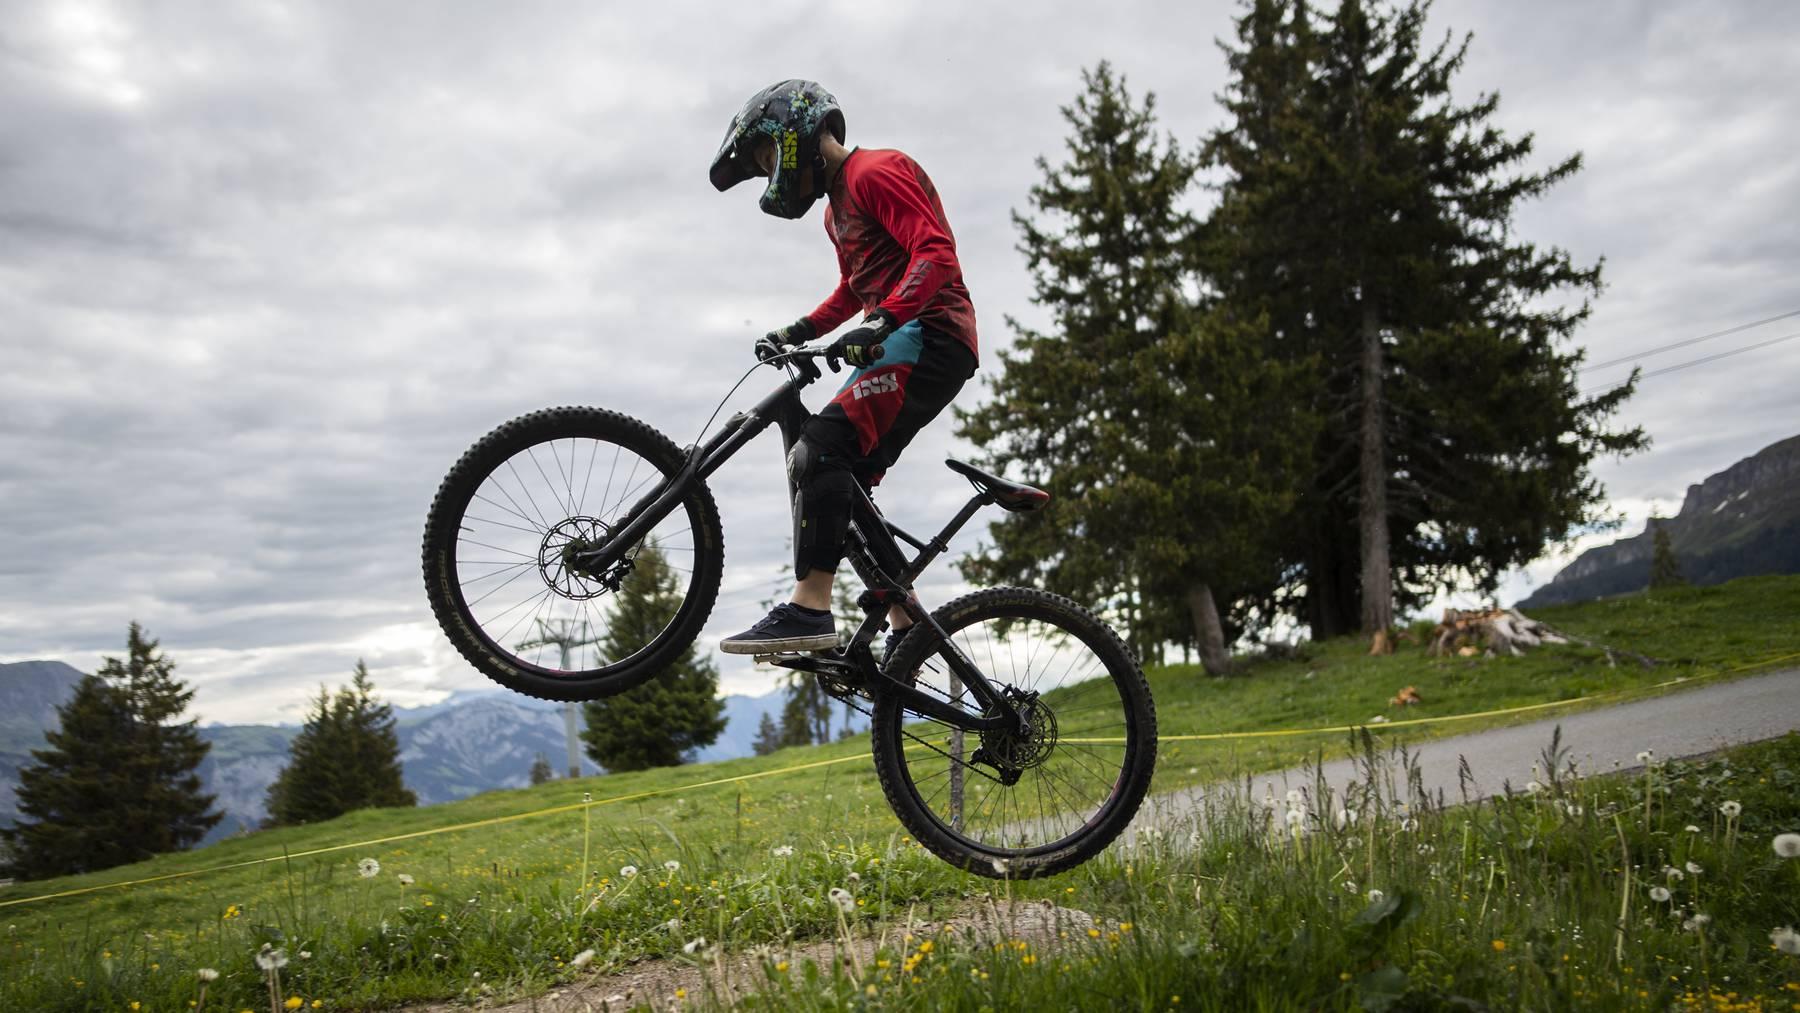 Der Mountainbike-Sport hat in den letzten Jahren einen Boom erlebt - in St.Gallen wurde dem Trend aber noch nicht Rechnung getragen. (Symbolbild)